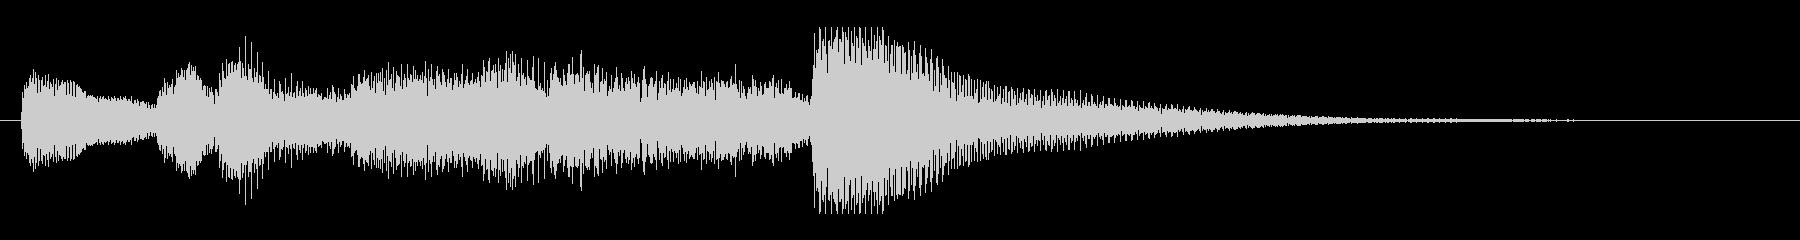 シンセ主体の明るくポップなジングルの未再生の波形